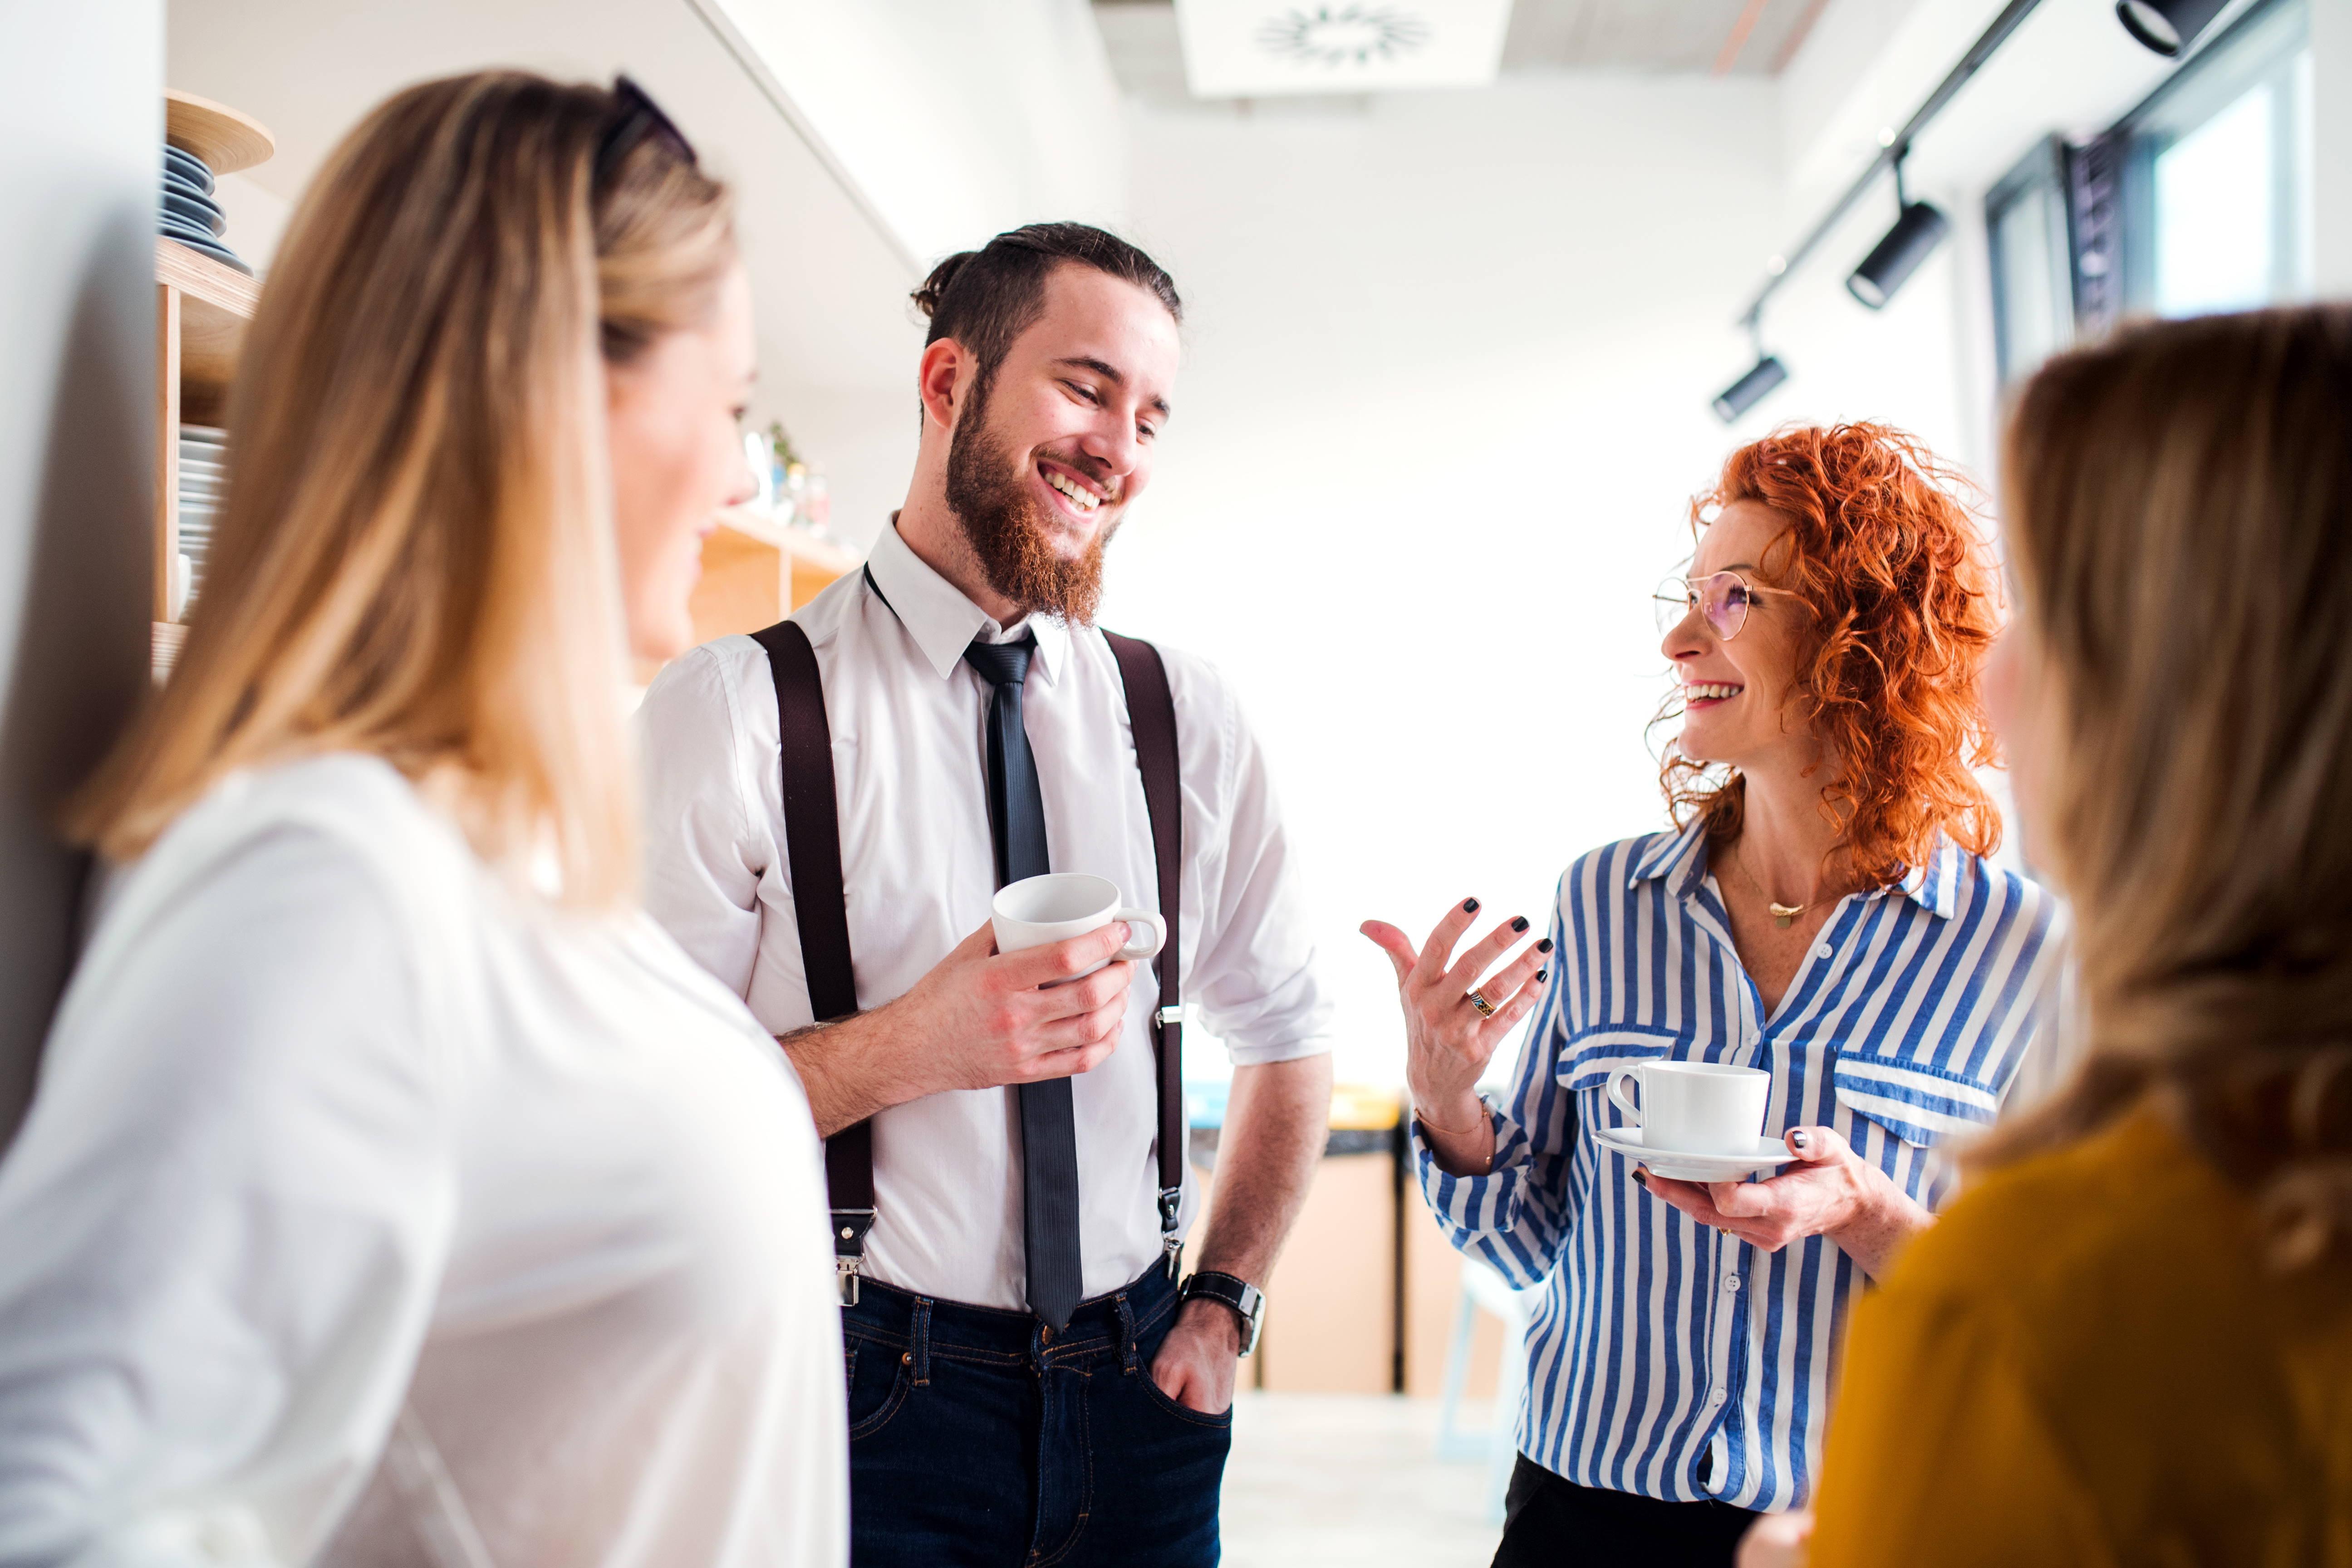 Powrót do pracy w biurze może stać się też okazją do udoskonalenia tego, co wcześnie przeszkadzało w najbardziej efektywnym wykorzystaniu wspólnej przestrzeni i spędzanego czasu (fot. mat. pras.)